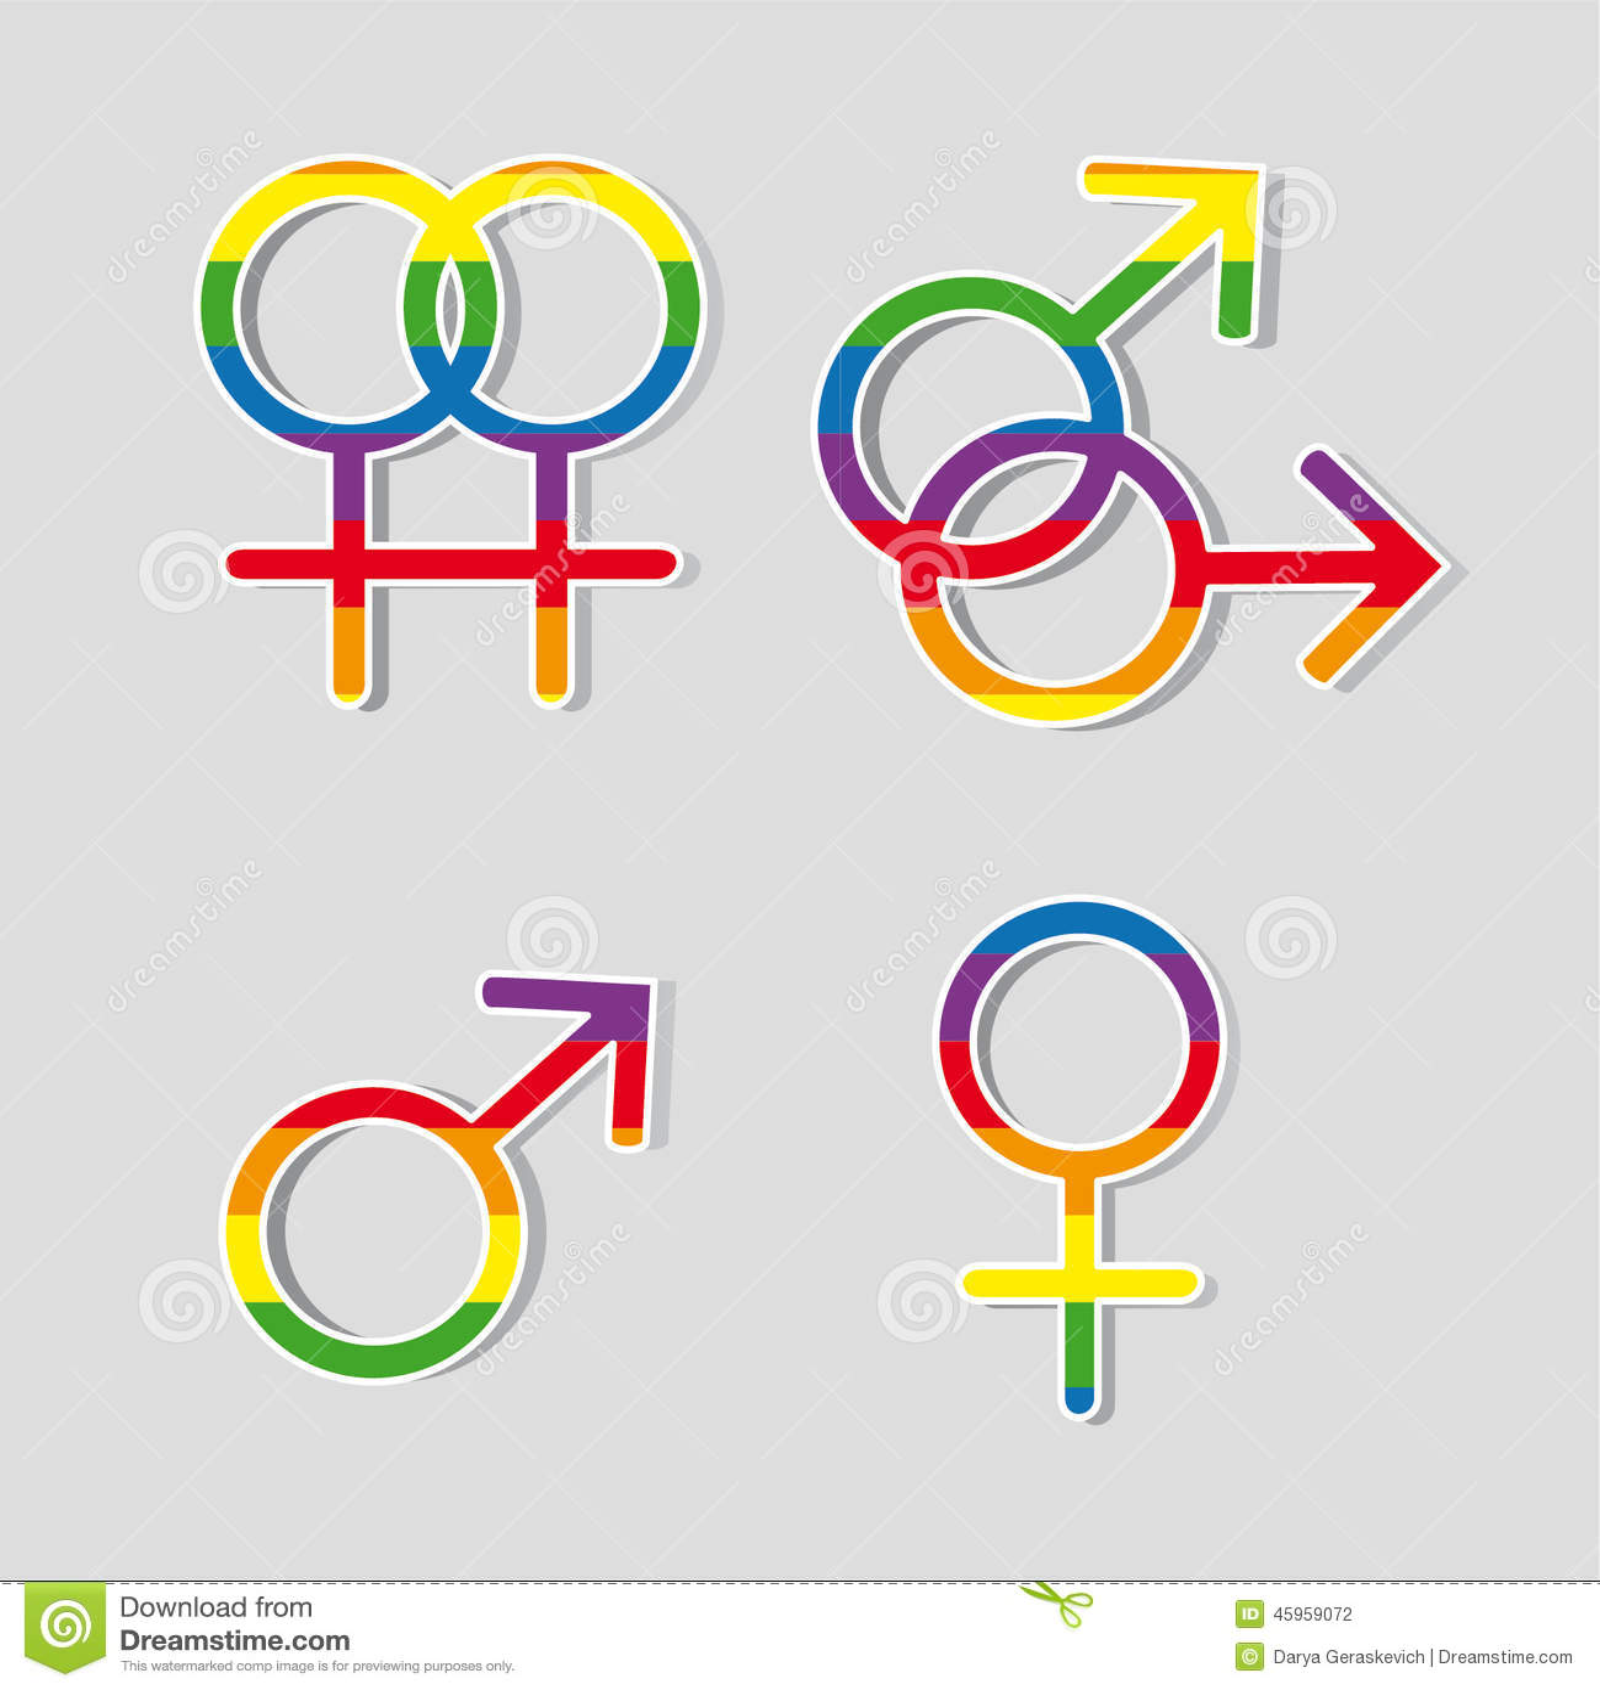 Czeshop Images Rainbow Lgbt Symbol